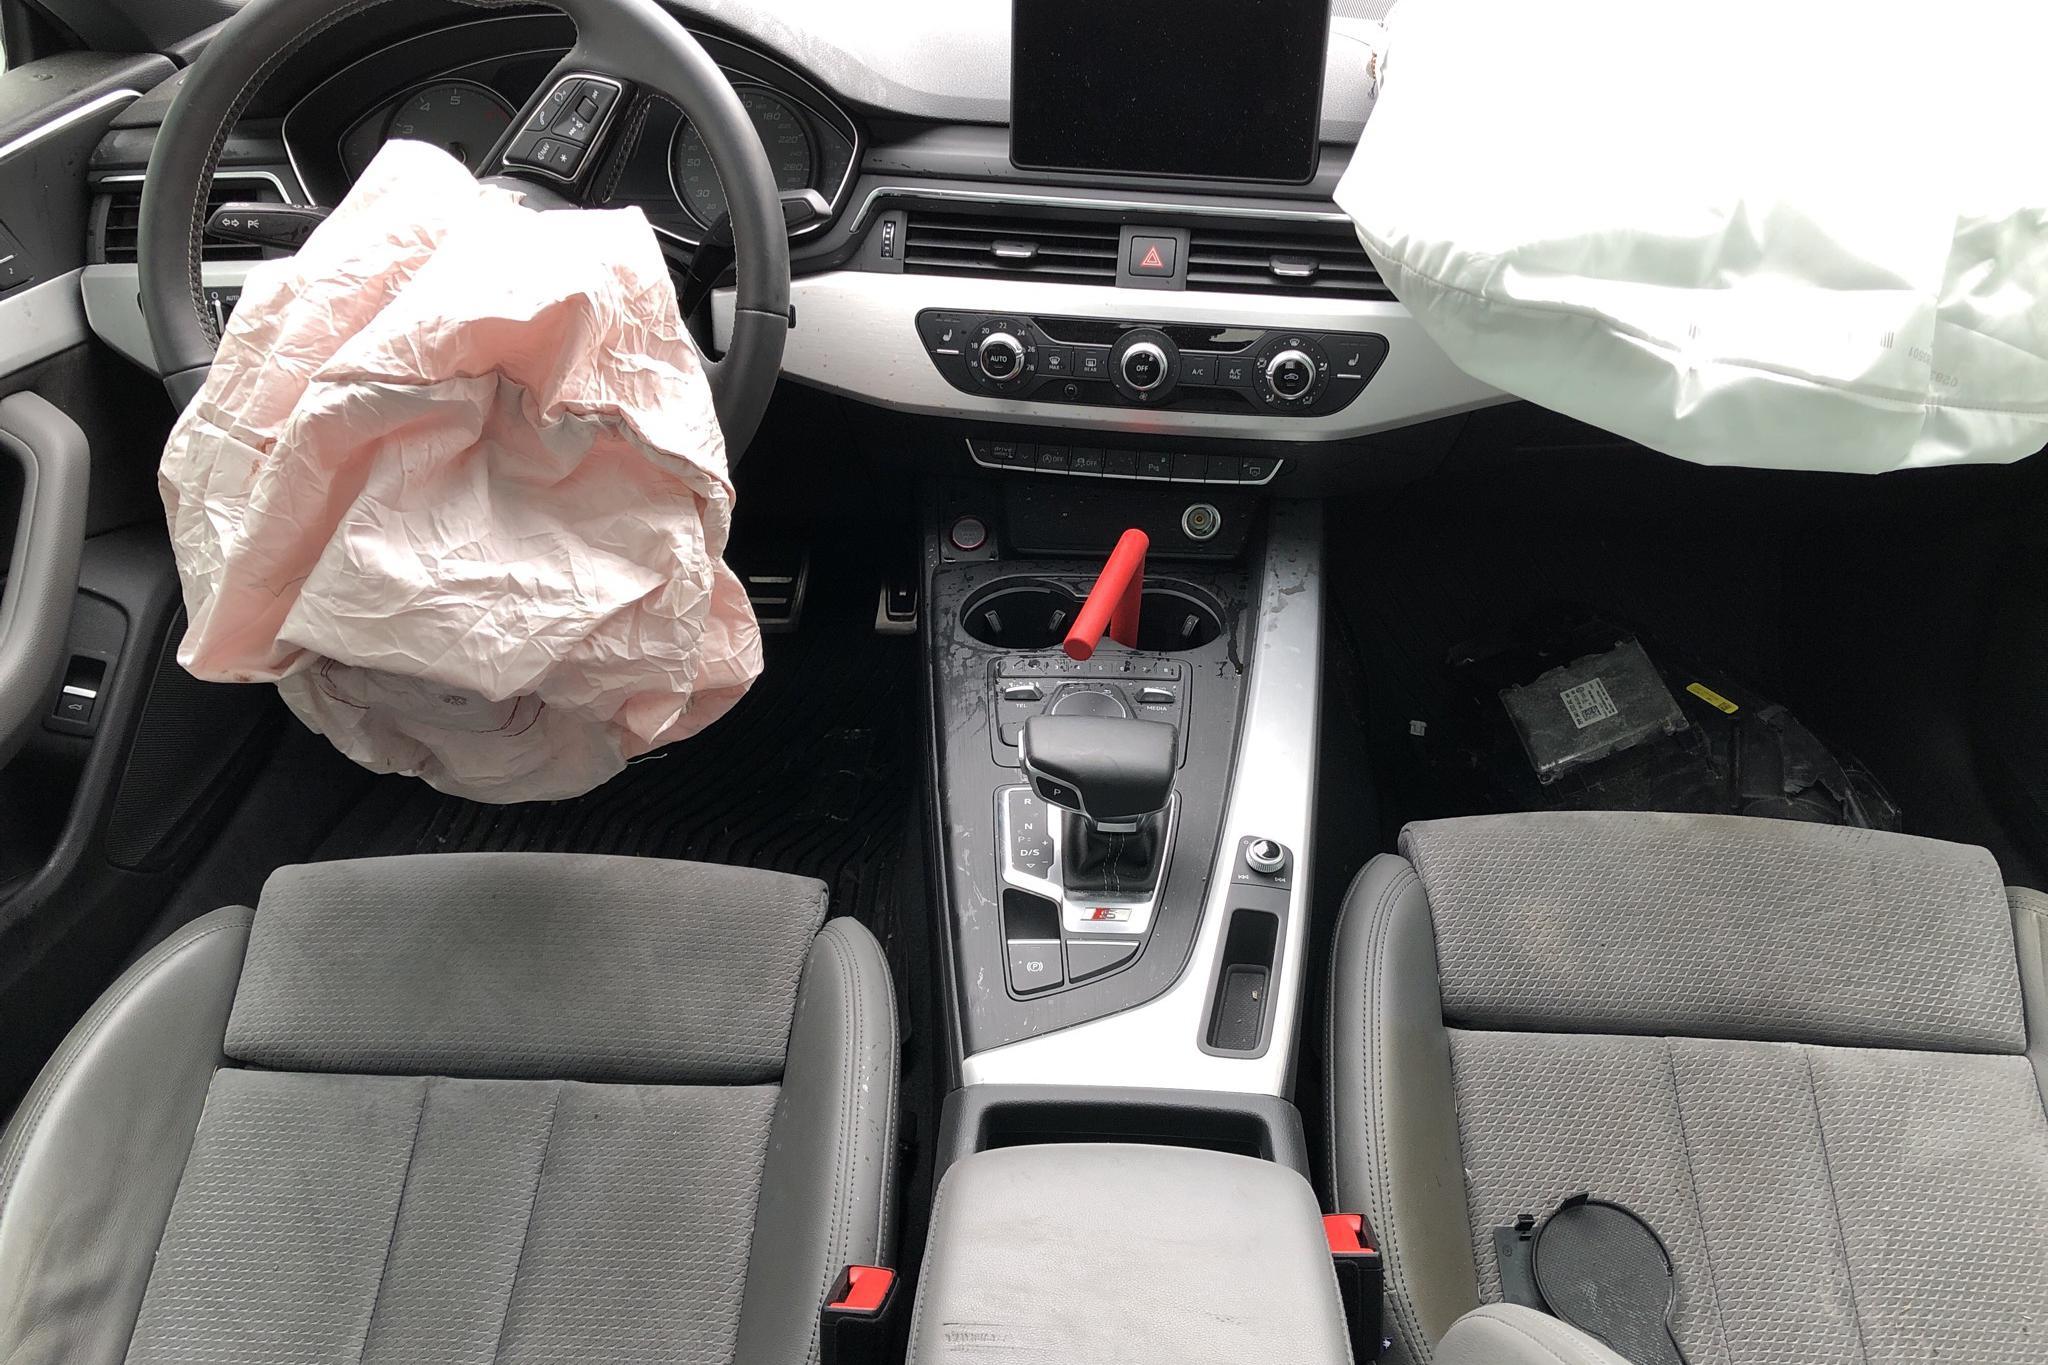 Audi S5 Sportback 3.0 TFSI quattro (354hk) - 3 409 mil - Automat - vit - 2018